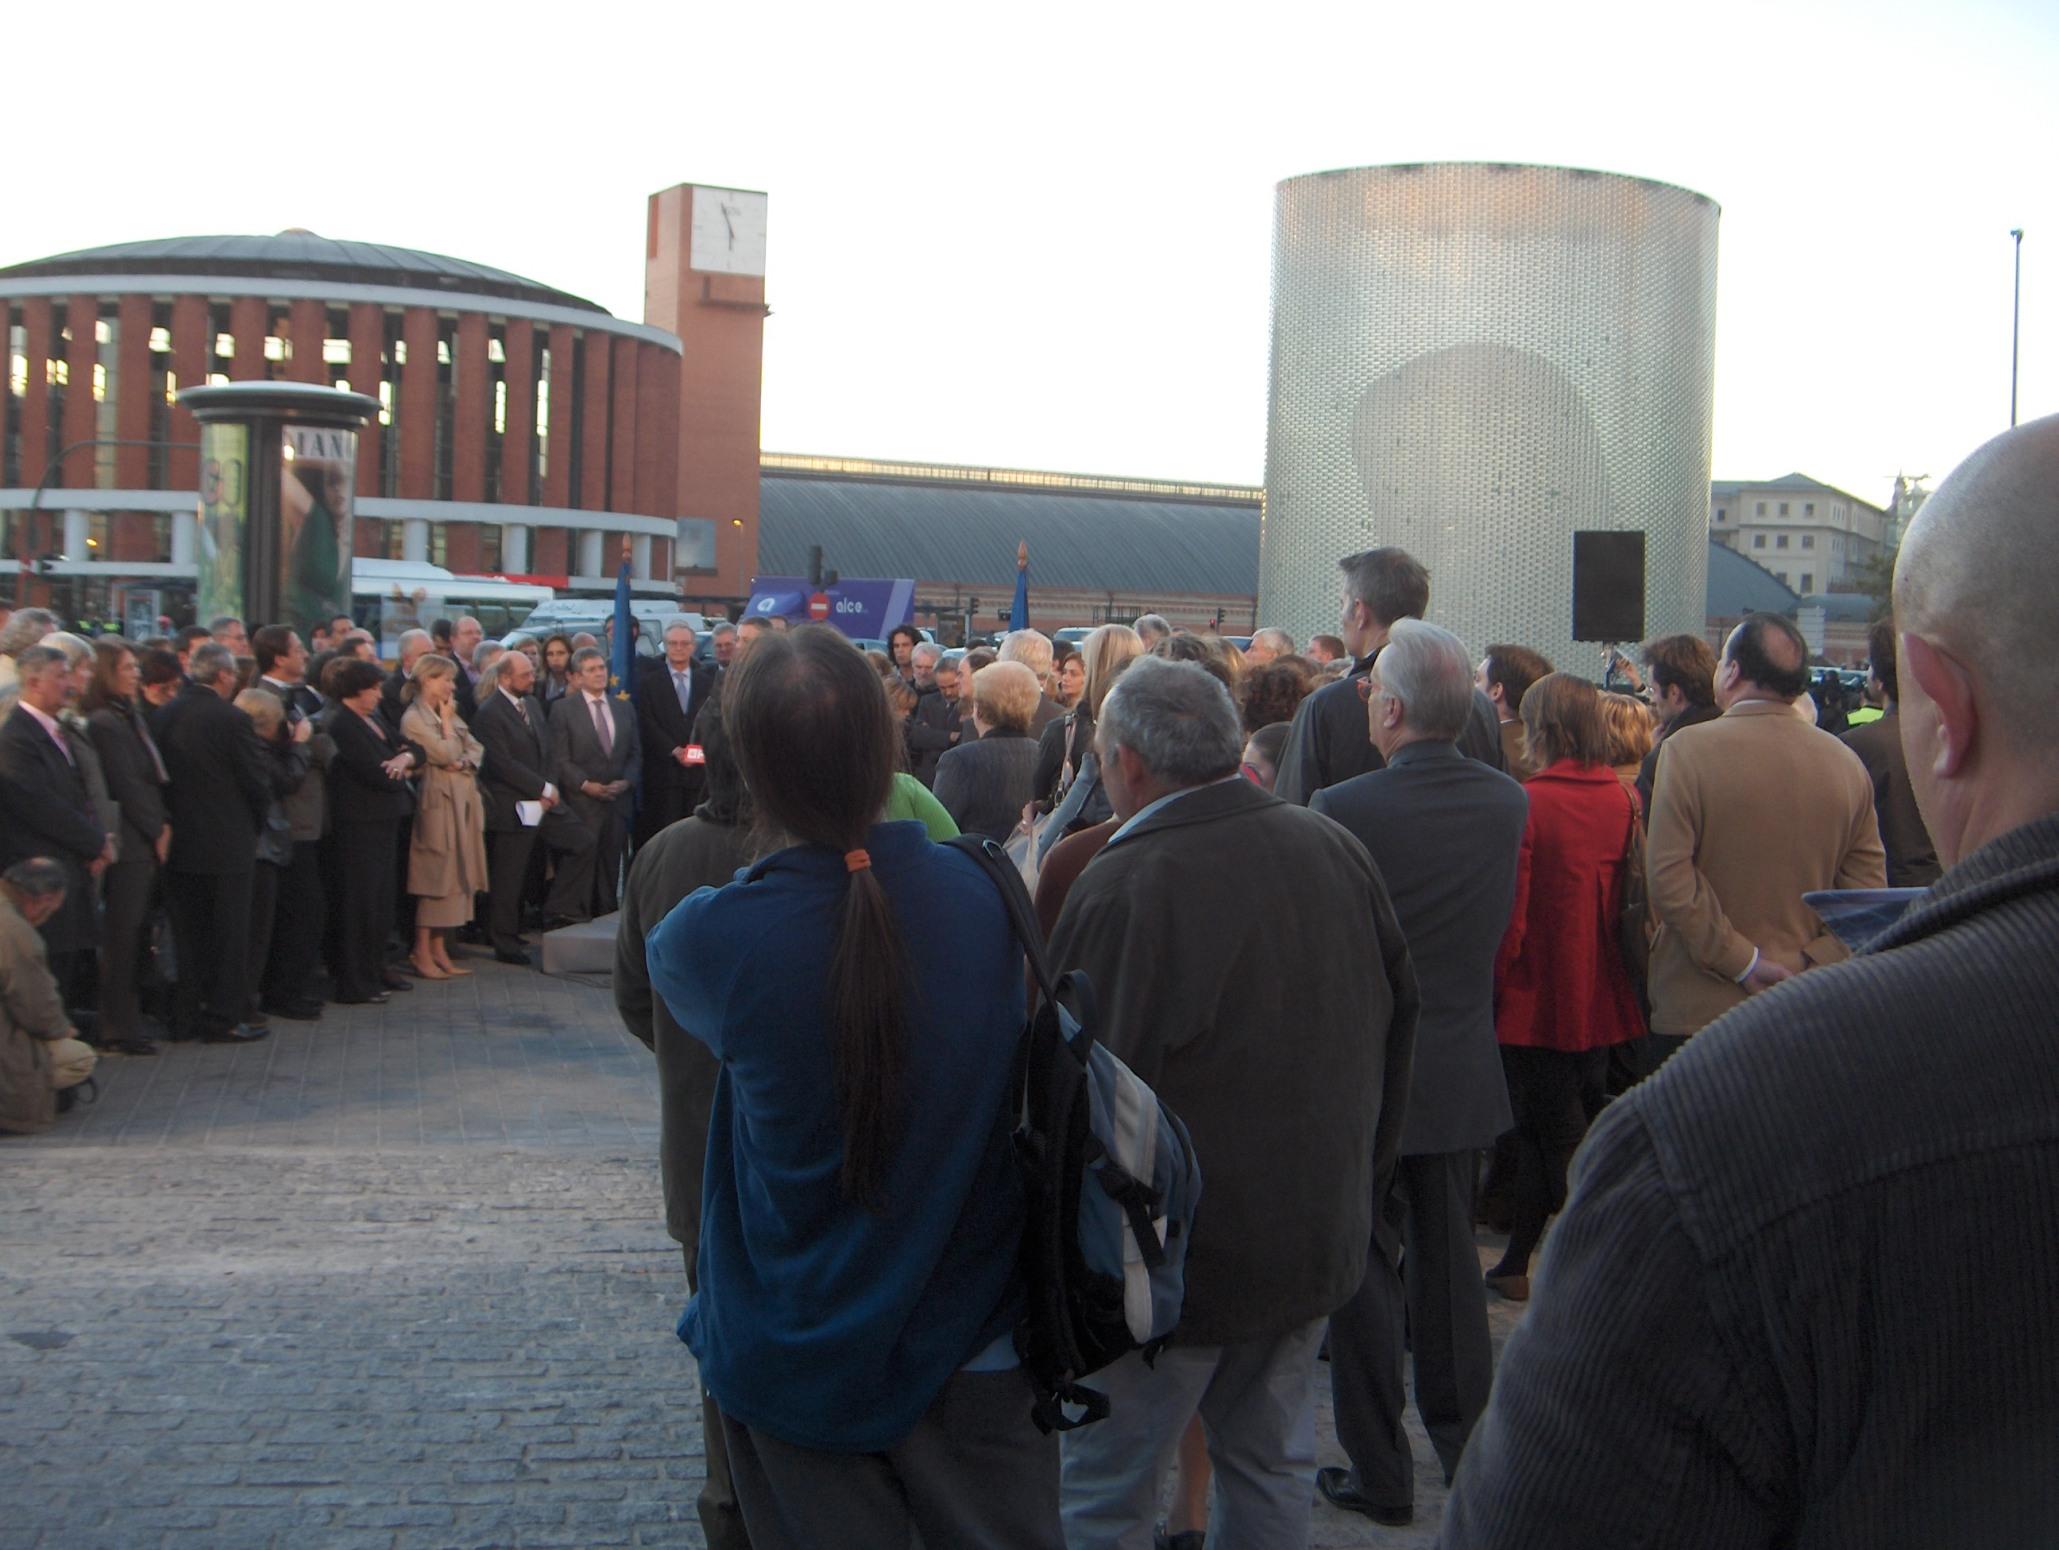 PES delegatsioon mälestustseremoonial Atocha rongijaama (vasakul) jamälestussambajuures